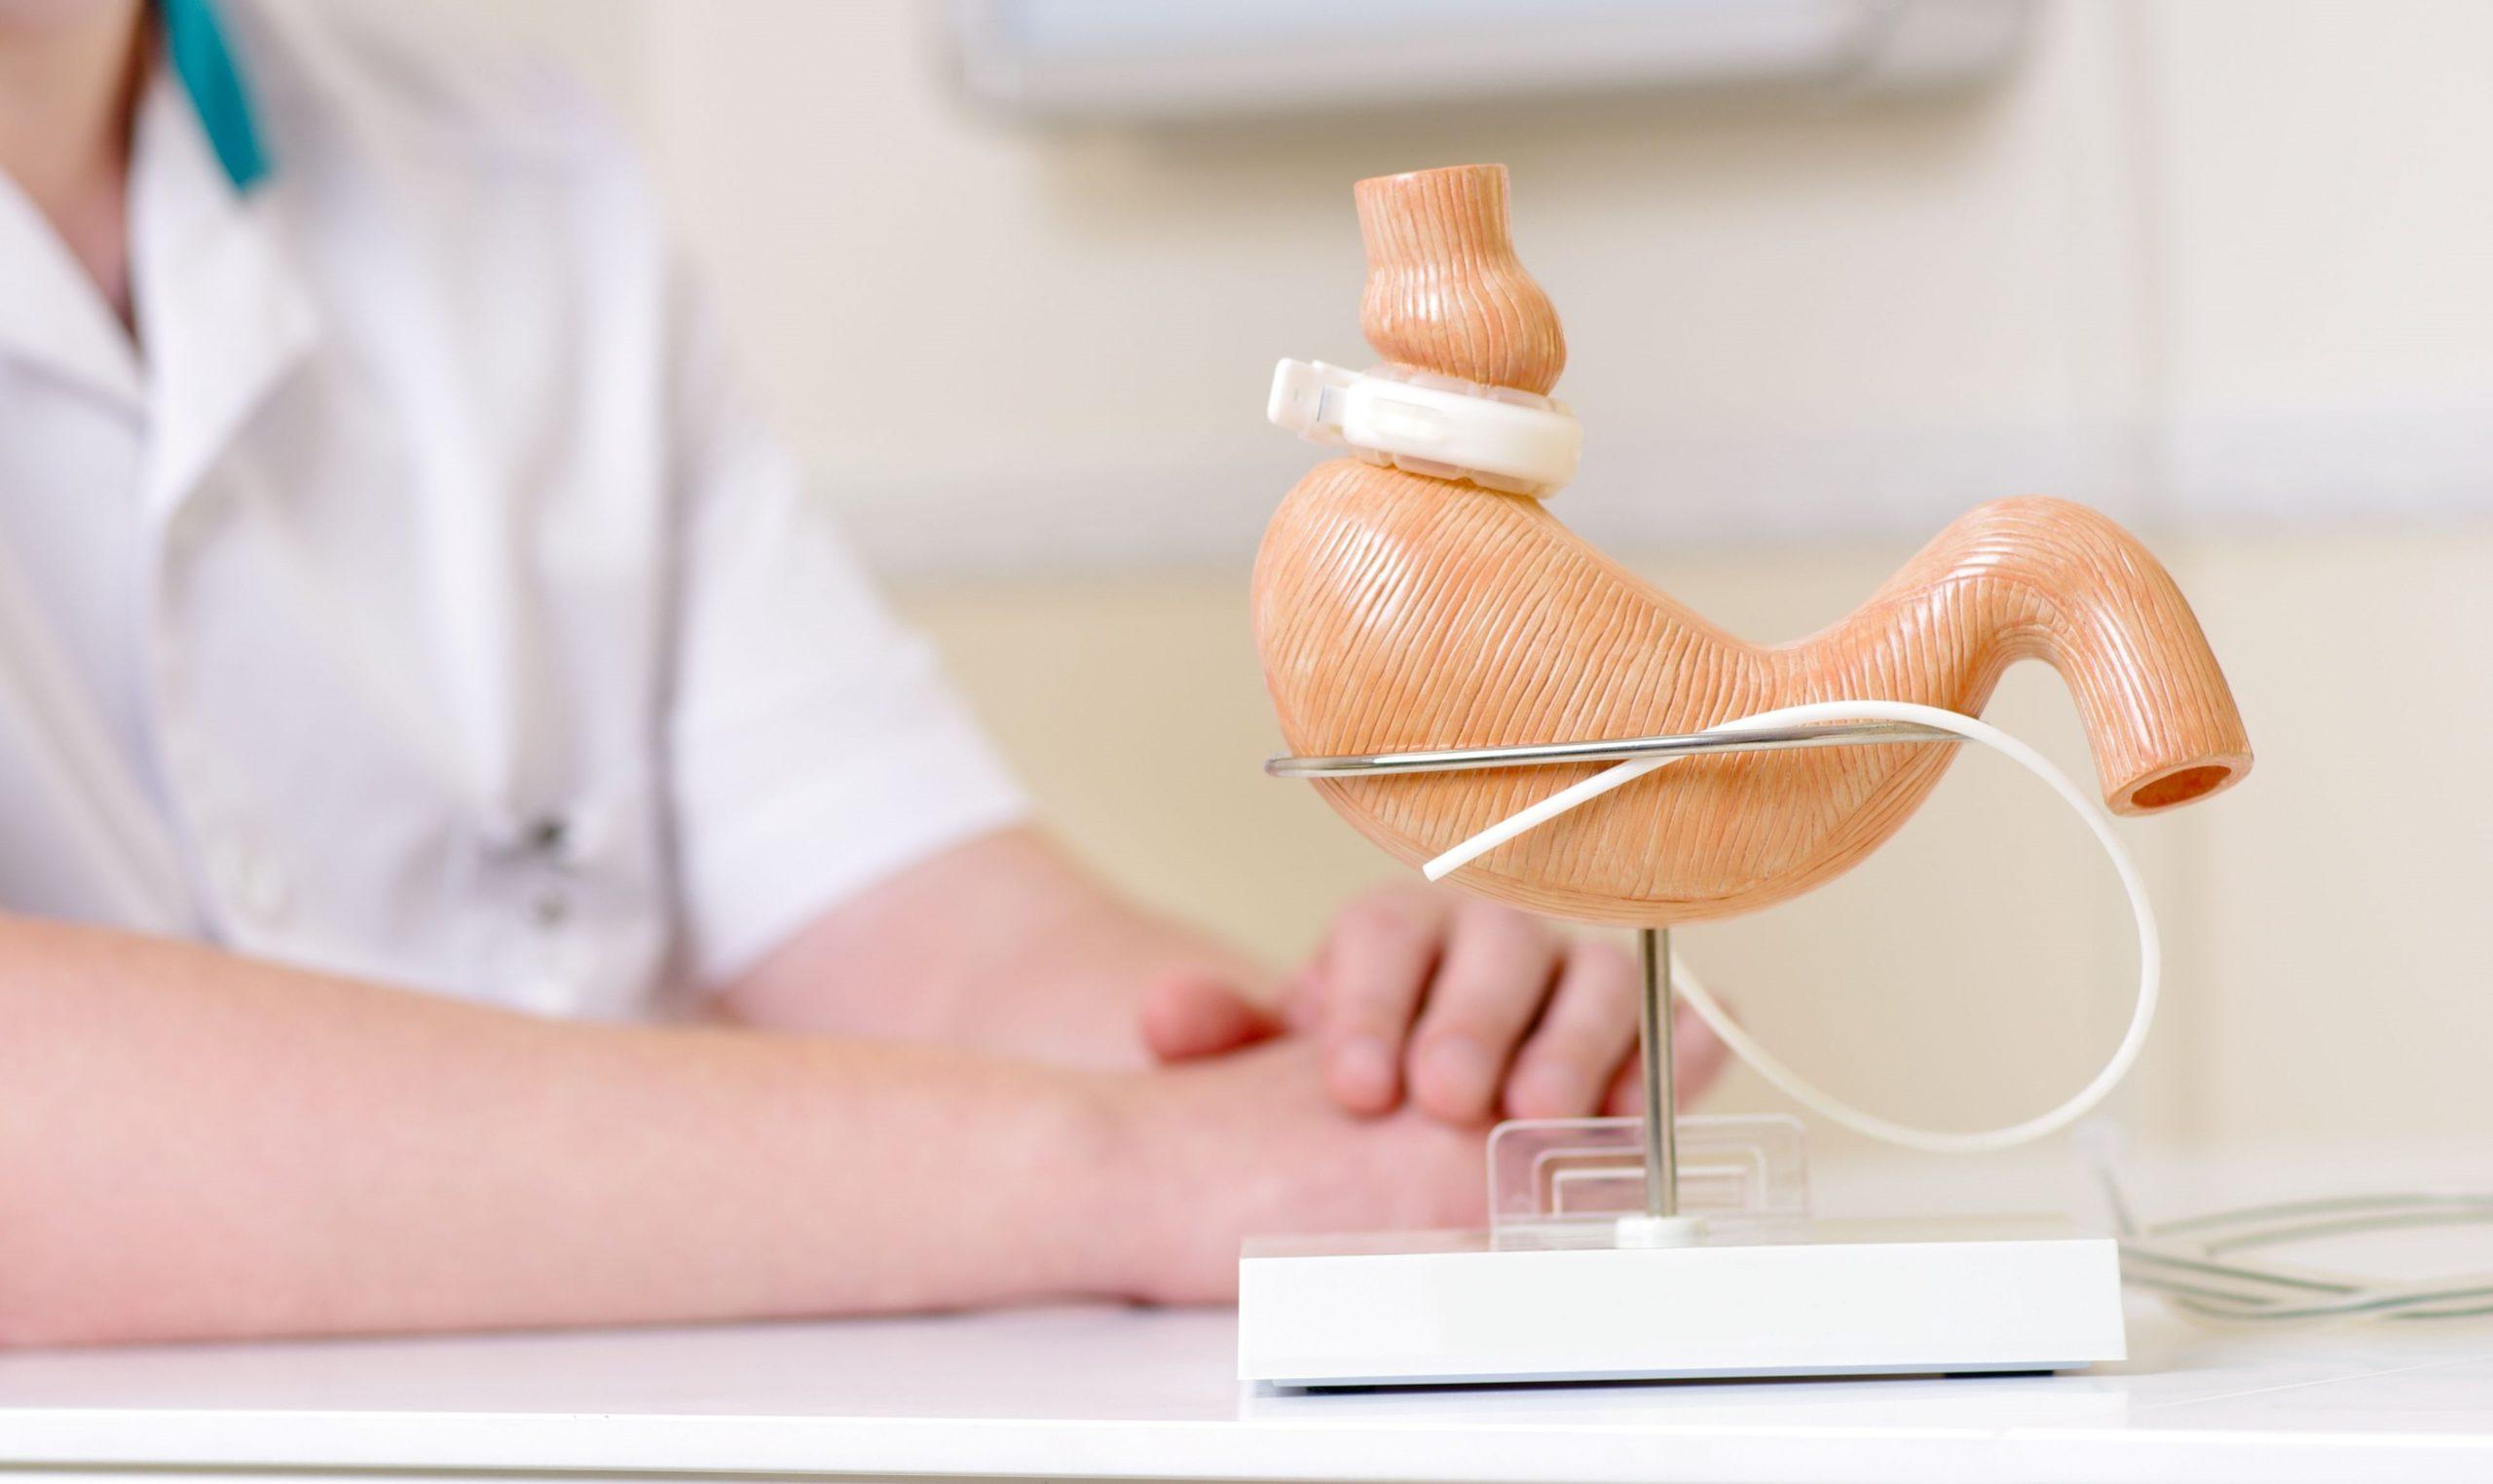 ¿Conoces la cirugía bariátrica? Te contamos los 3 mitos más frecuentes